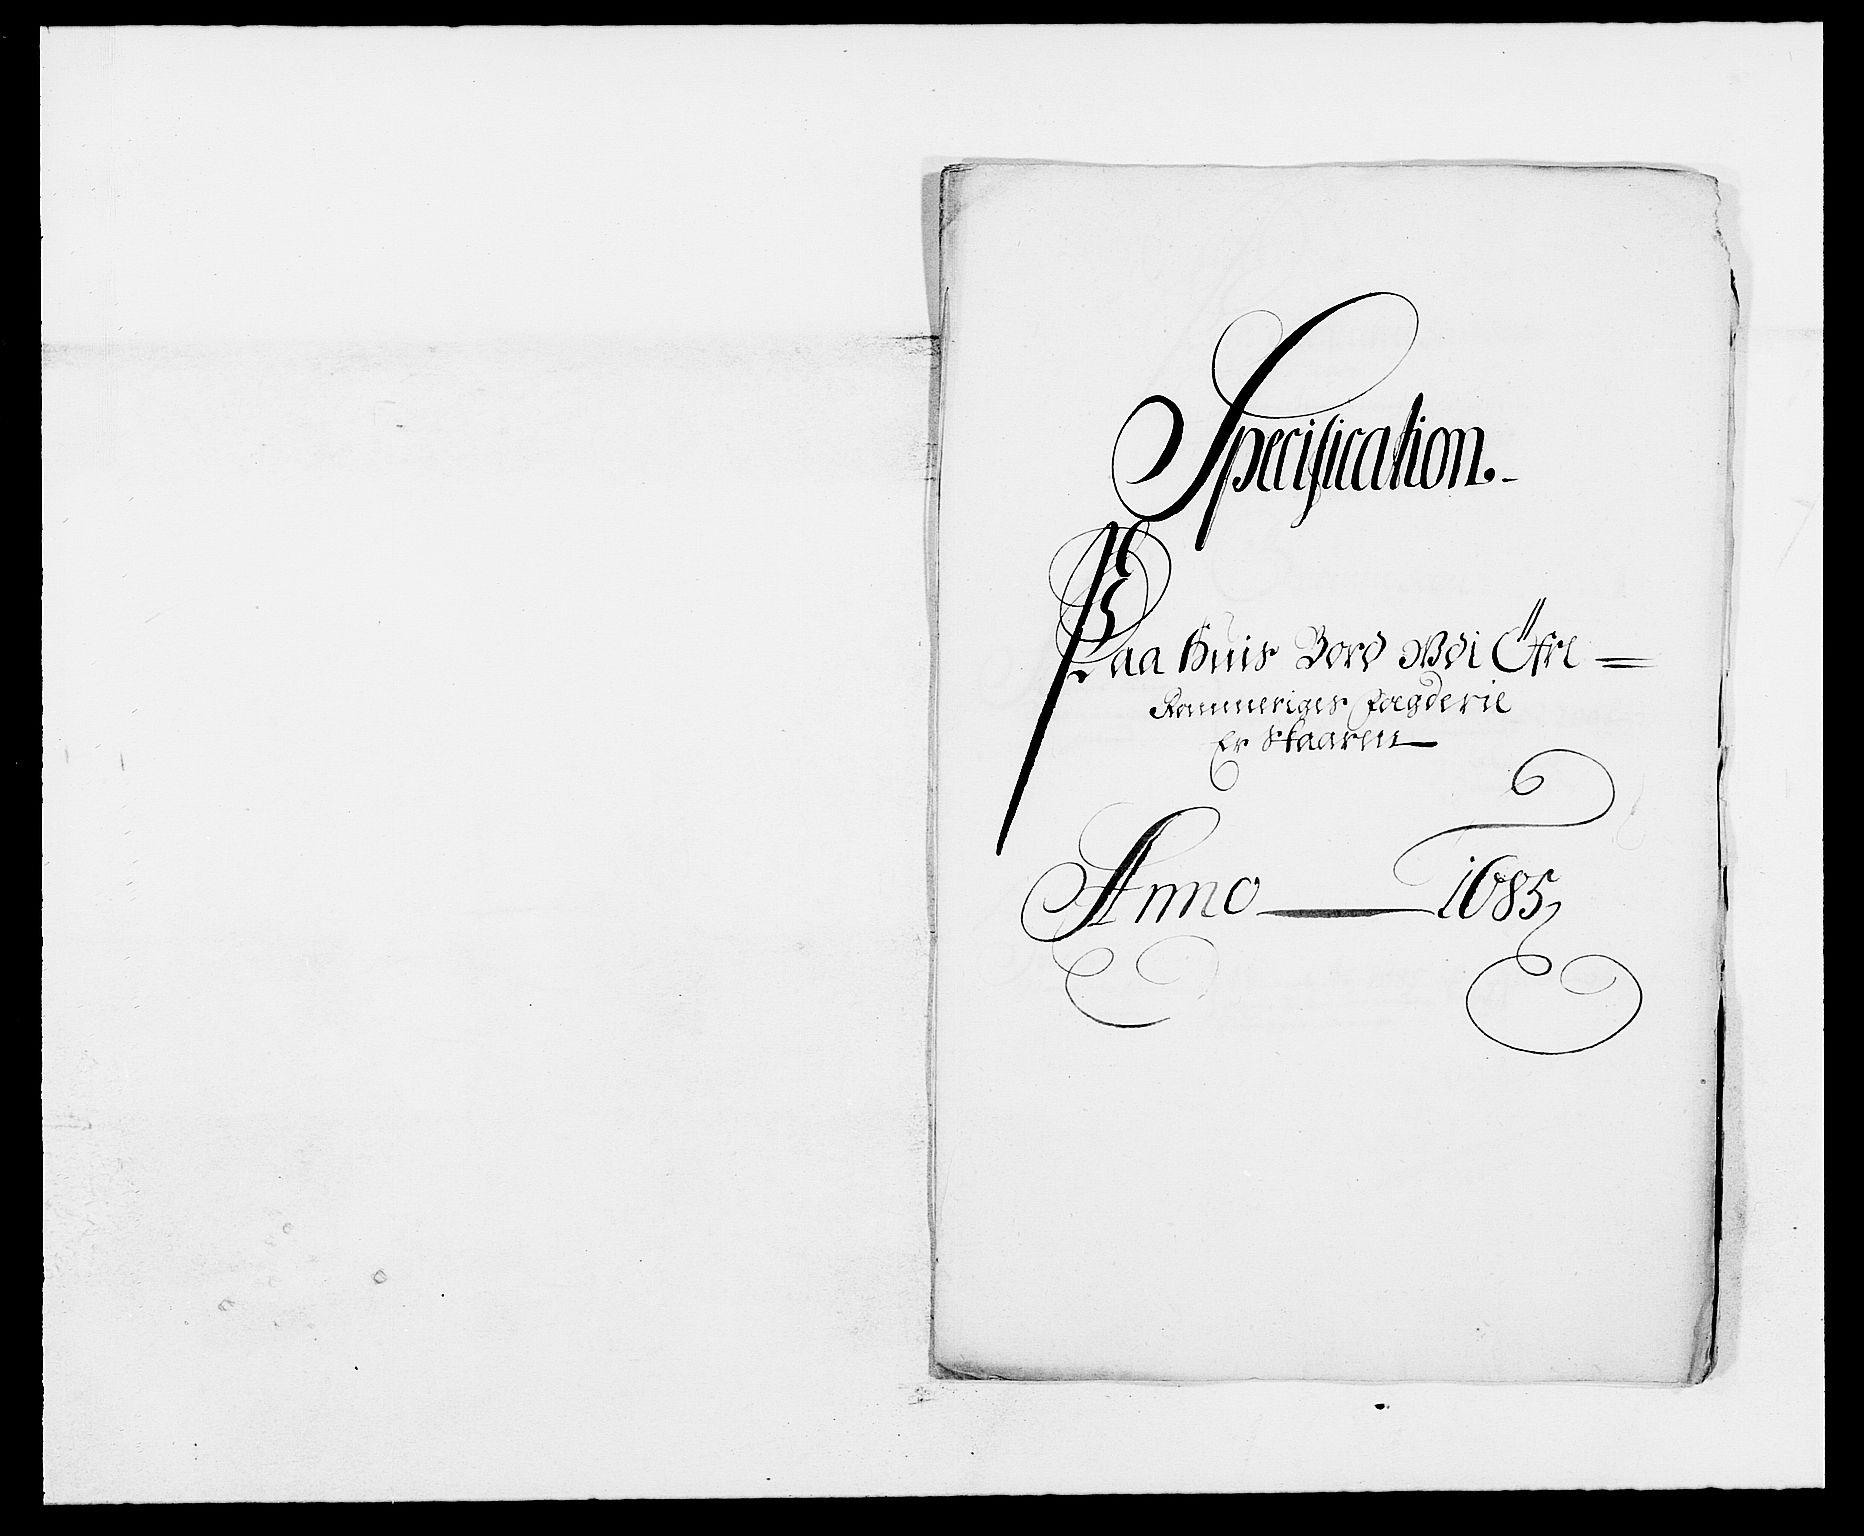 RA, Rentekammeret inntil 1814, Reviderte regnskaper, Fogderegnskap, R12/L0699: Fogderegnskap Øvre Romerike, 1685-1686, s. 69